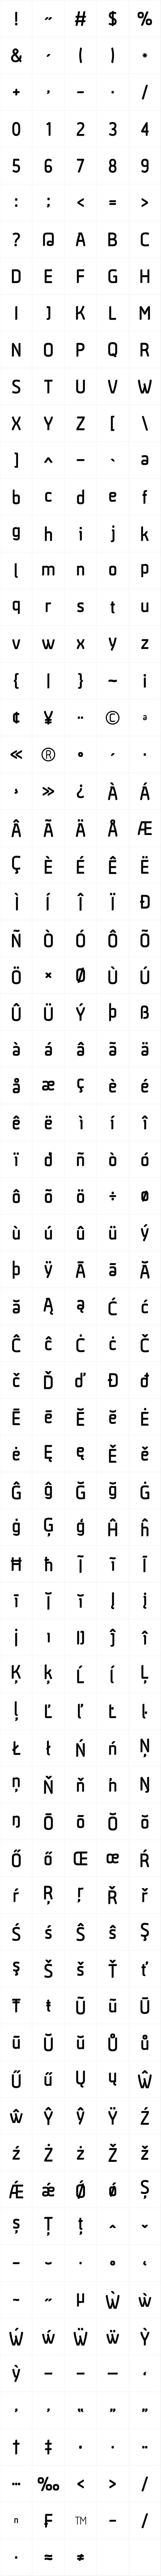 Aneba